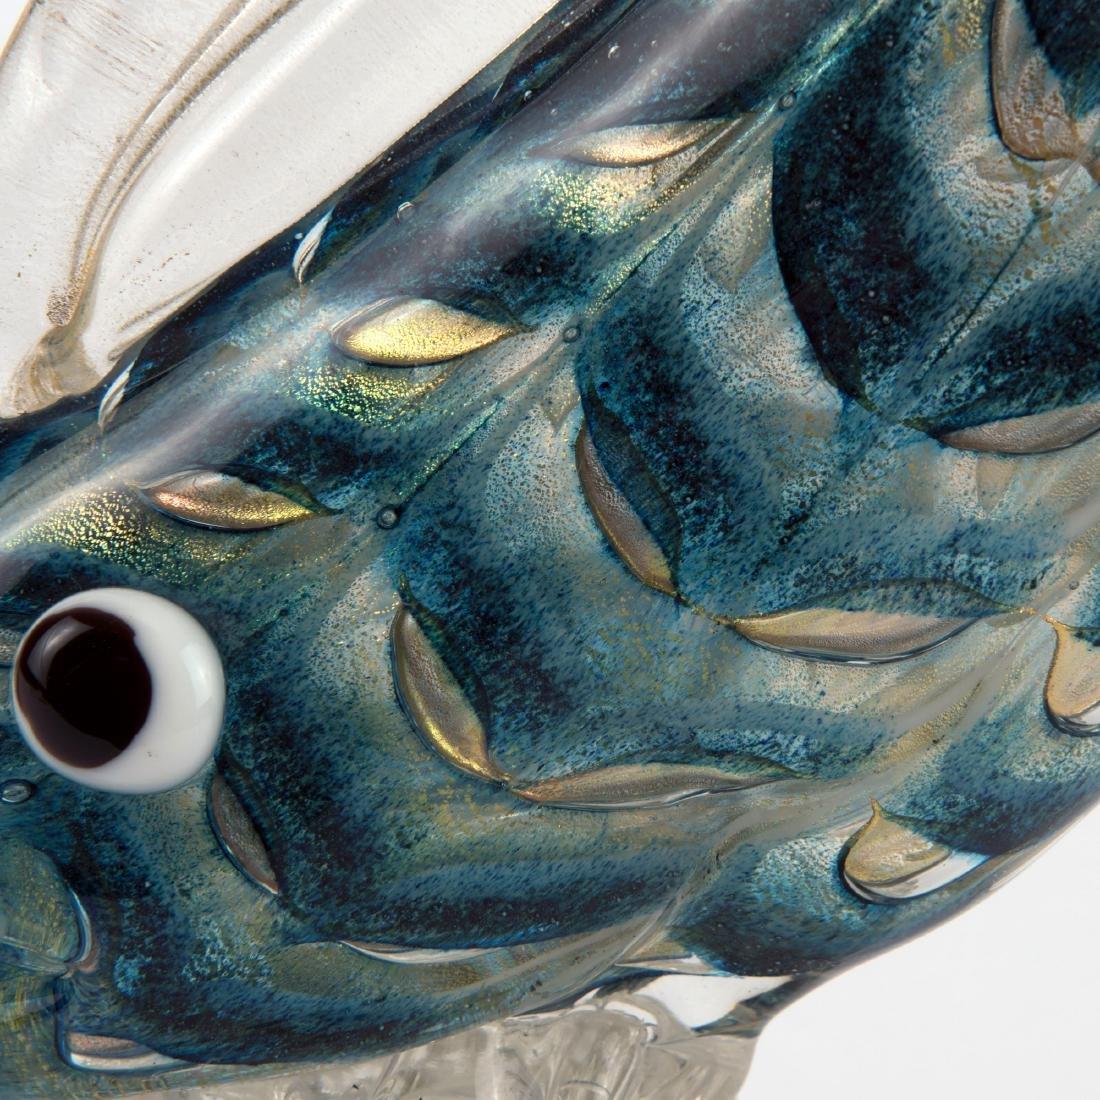 'Graffito barbarico' fish, 1969 - 3